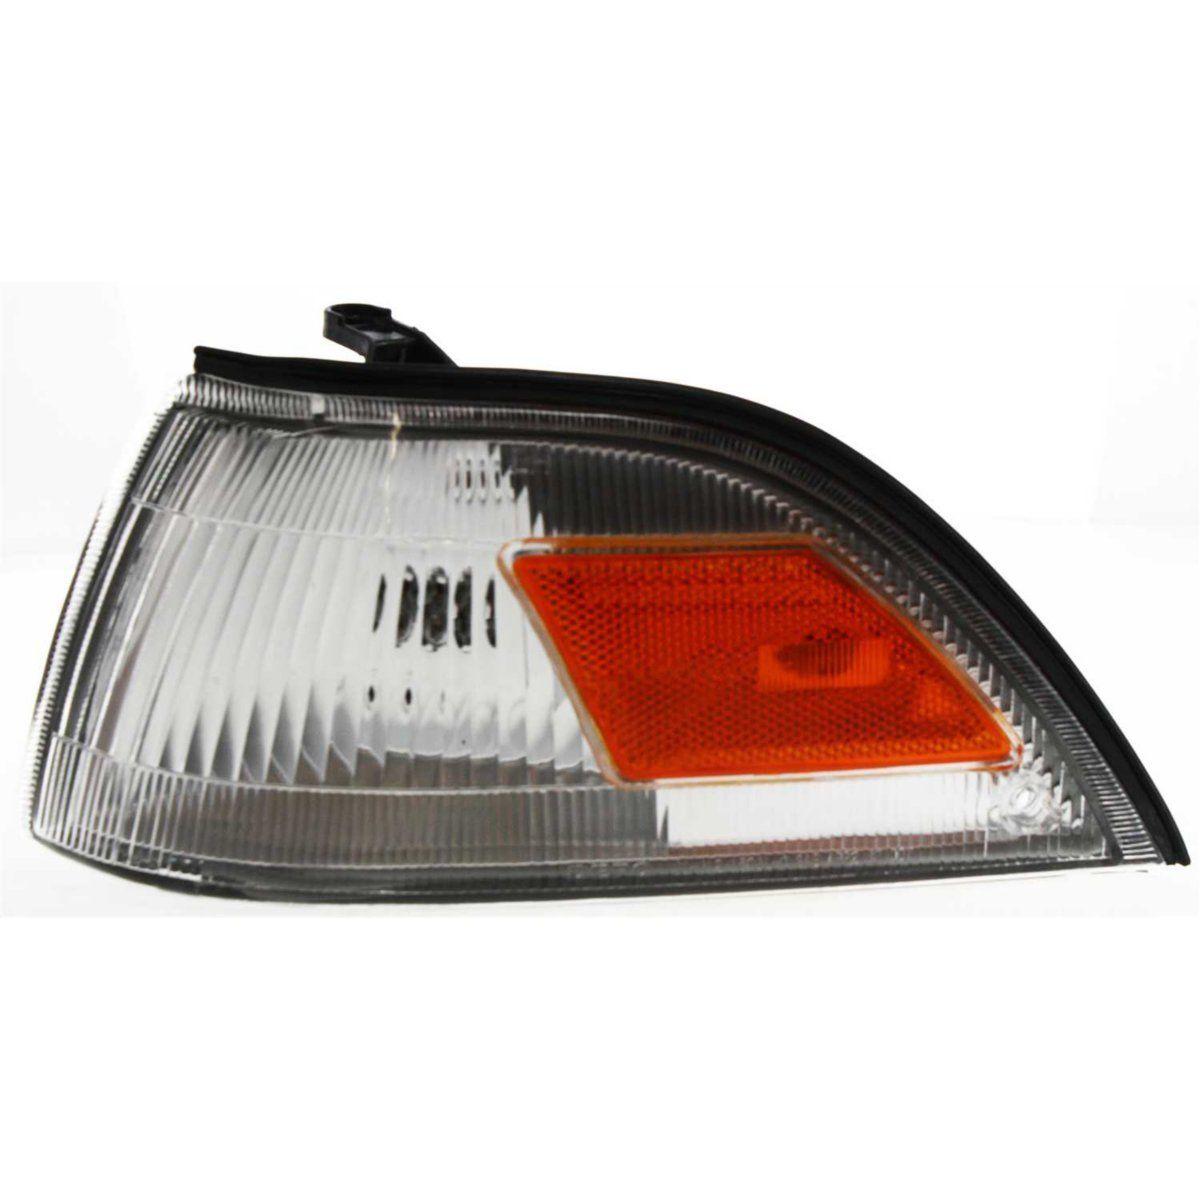 コーナーライト Corner Light For 88-92 Toyota Corolla Driver Side Incandescent w/ Bulb コーナーライト88-92用トヨタカローラドライバーサイド白熱電球